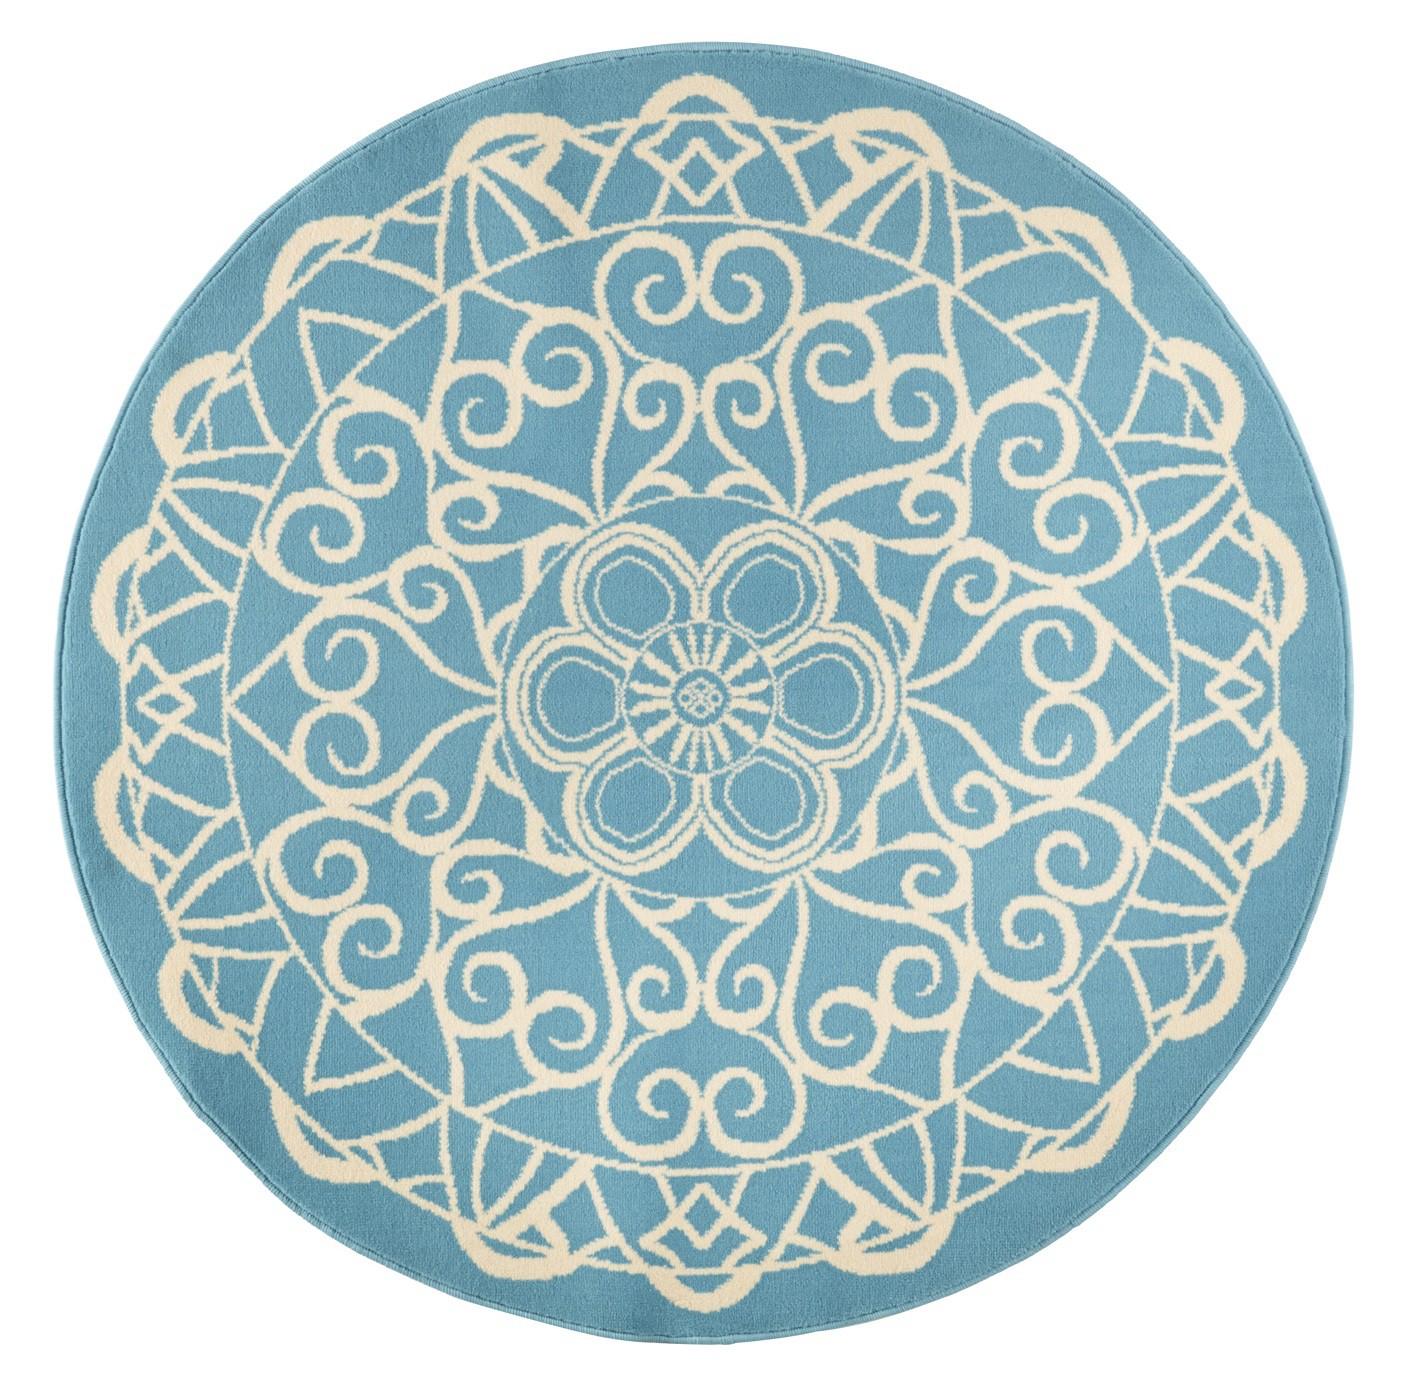 design velours teppich orientalisch cm 14 blau t rkis rund 140 cm teppiche design trend teppiche. Black Bedroom Furniture Sets. Home Design Ideas